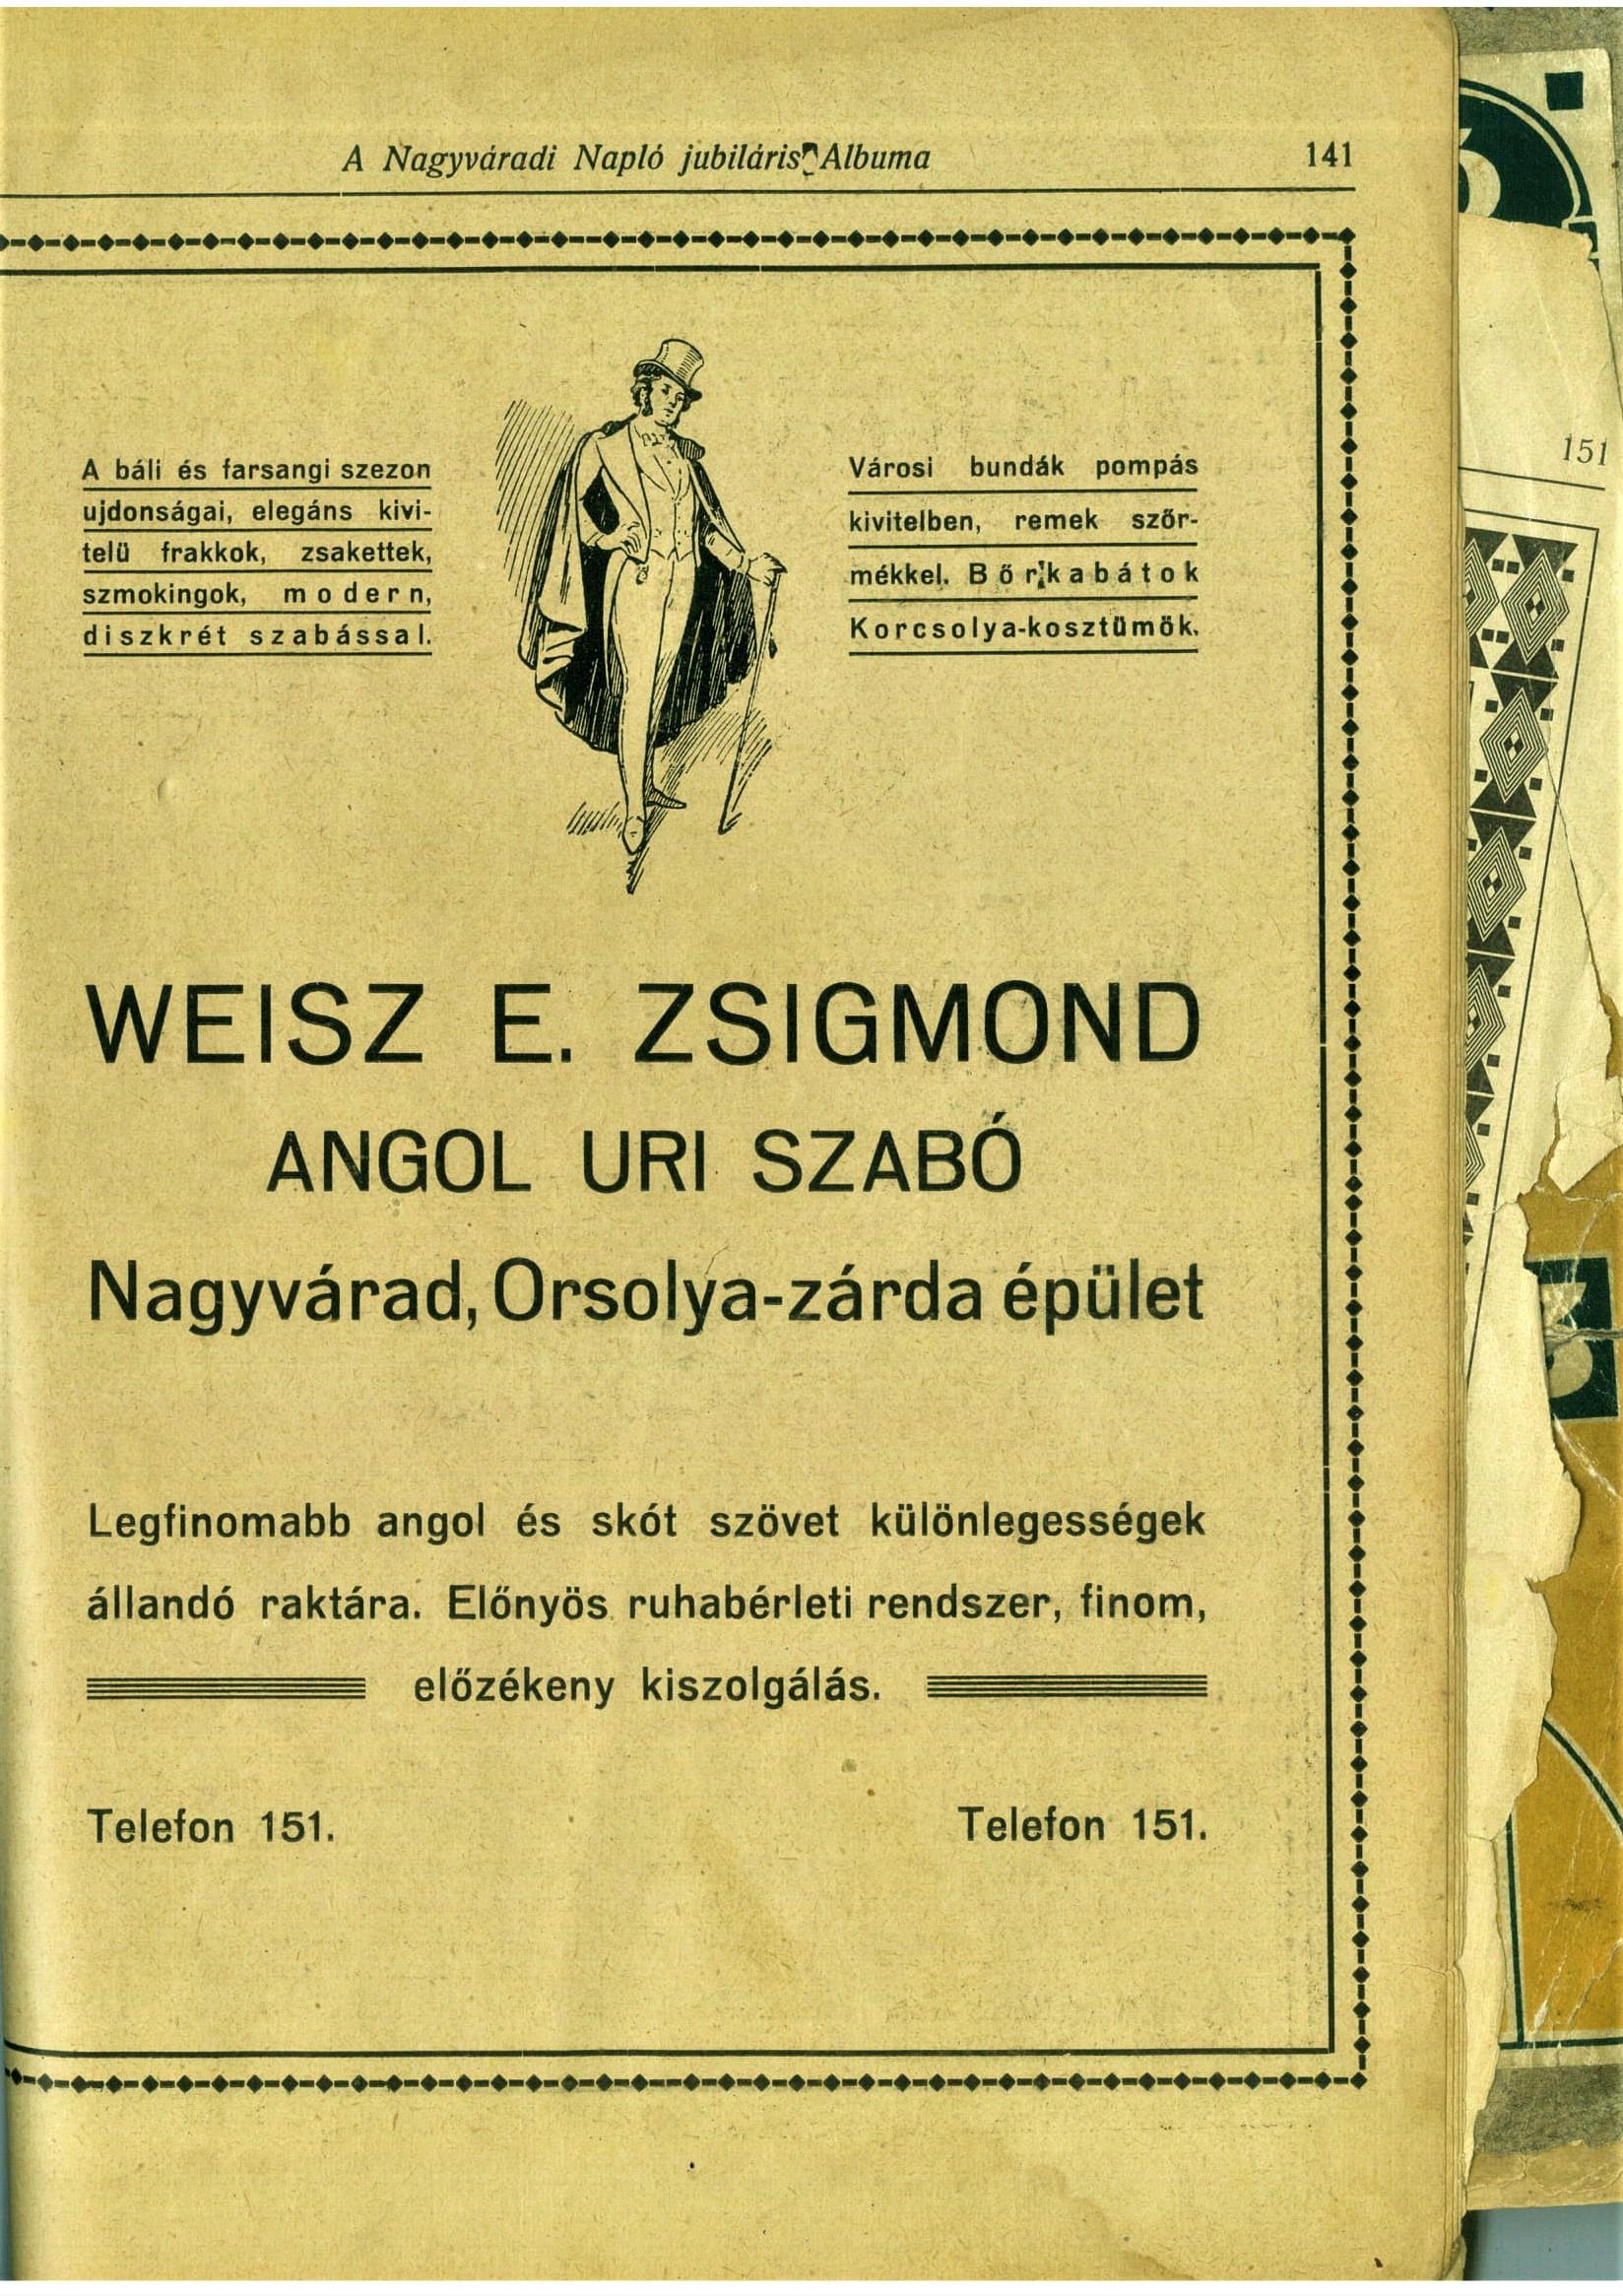 img-z18172247-1.jpg